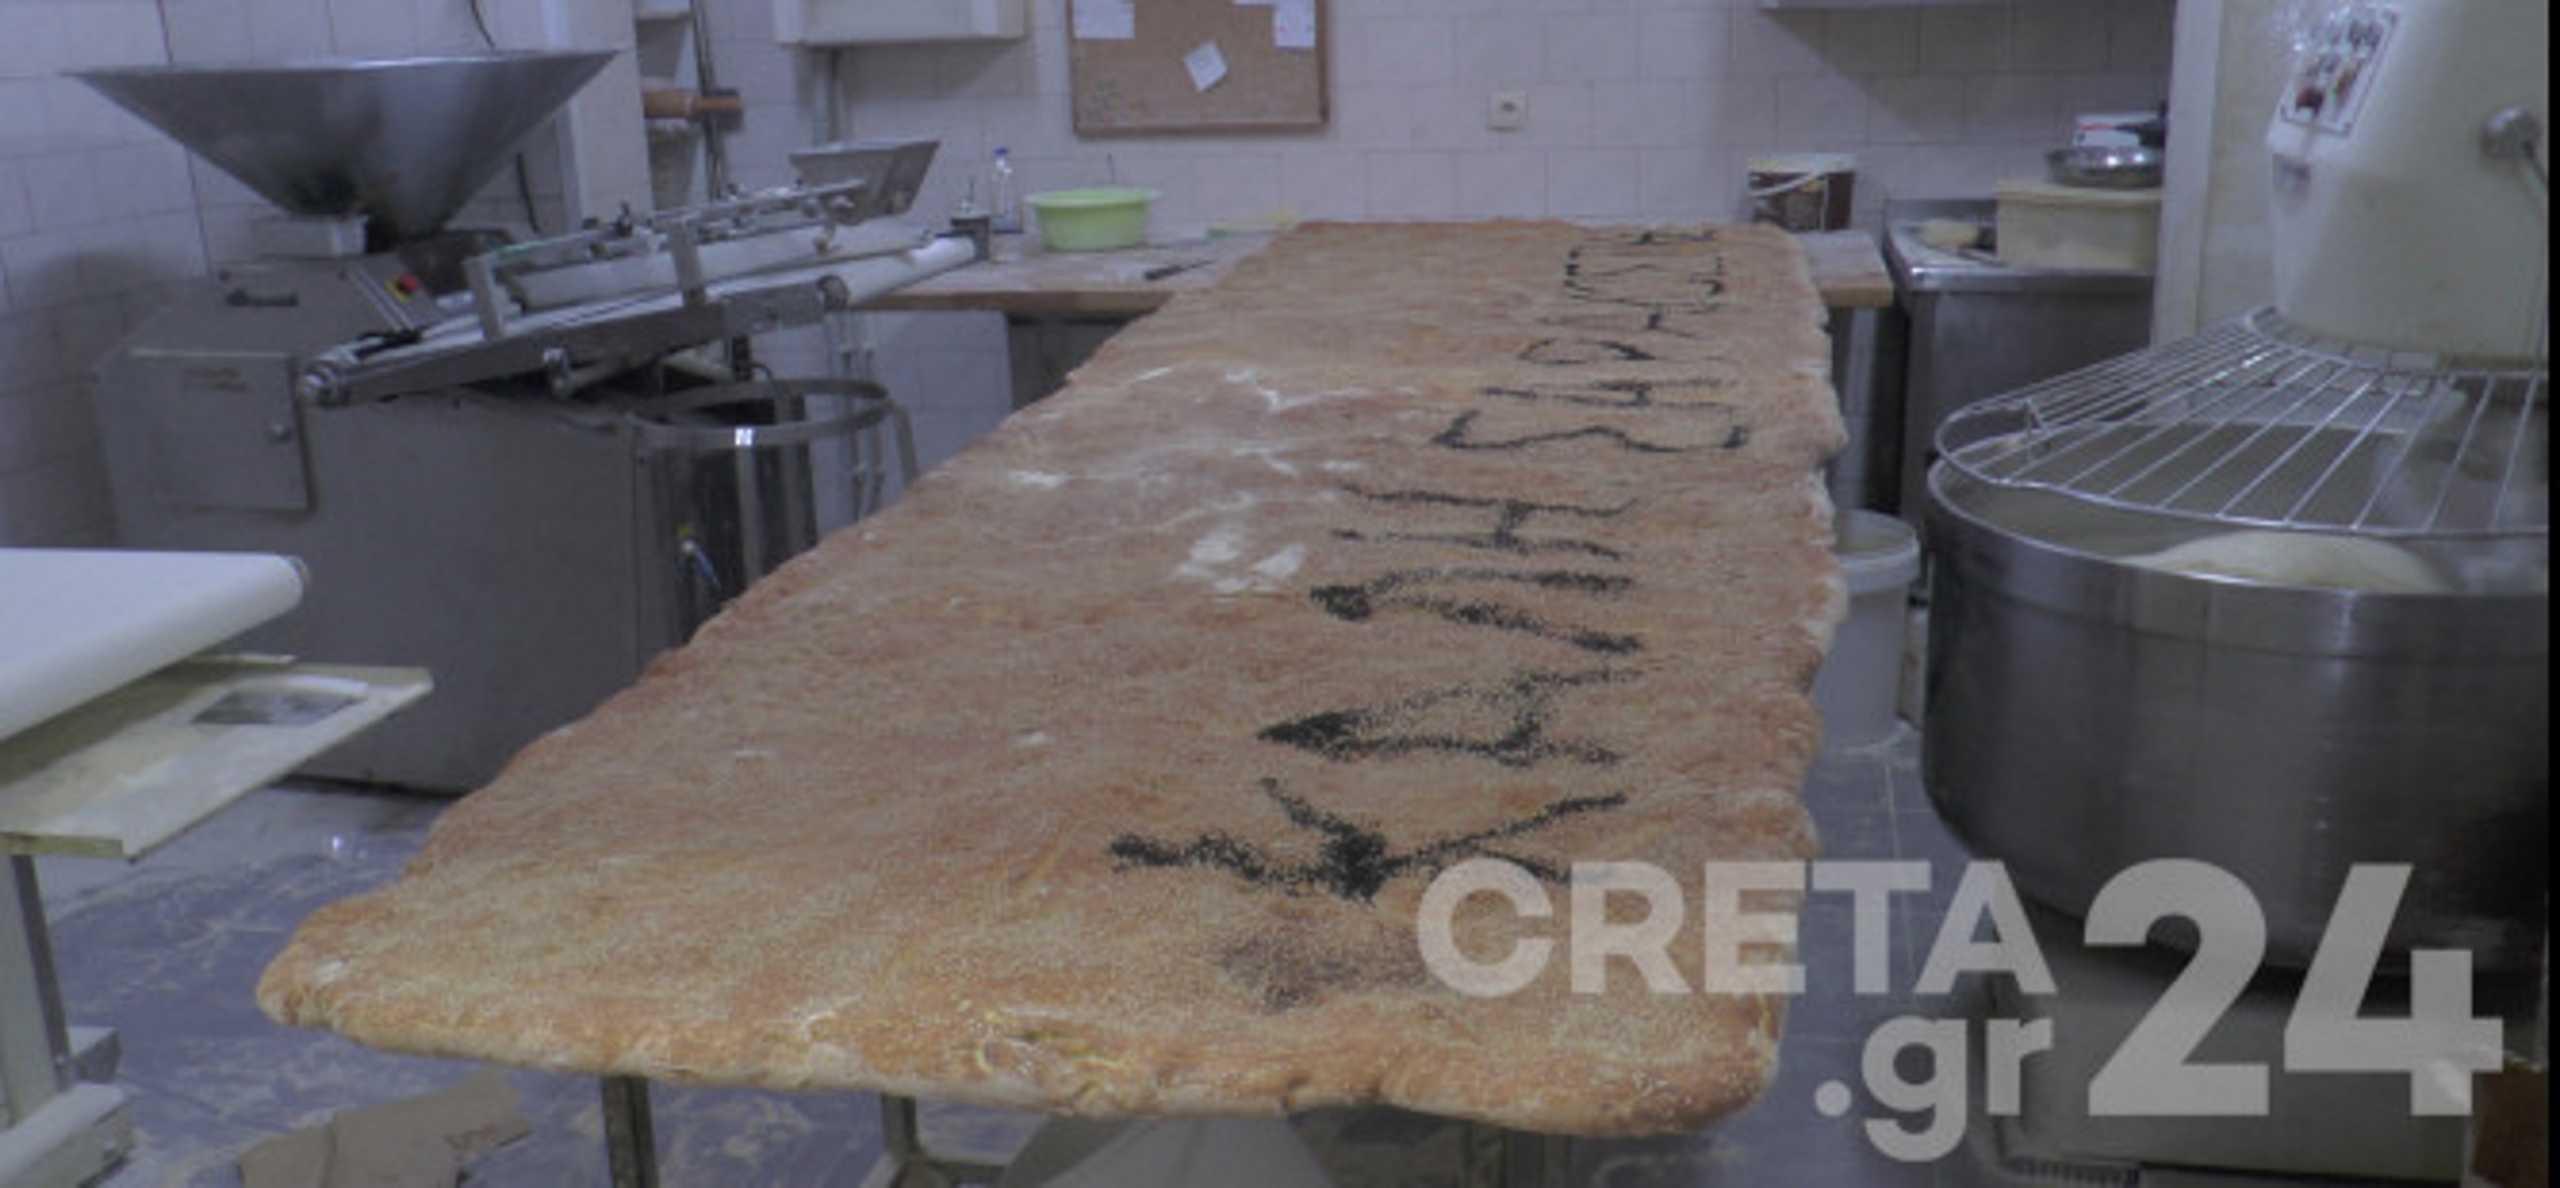 Καθαρά Δευτέρα: Έφτιαξαν λαγάνα γίγα στην Κρήτη – 4 μέτρα μήκος (pics)